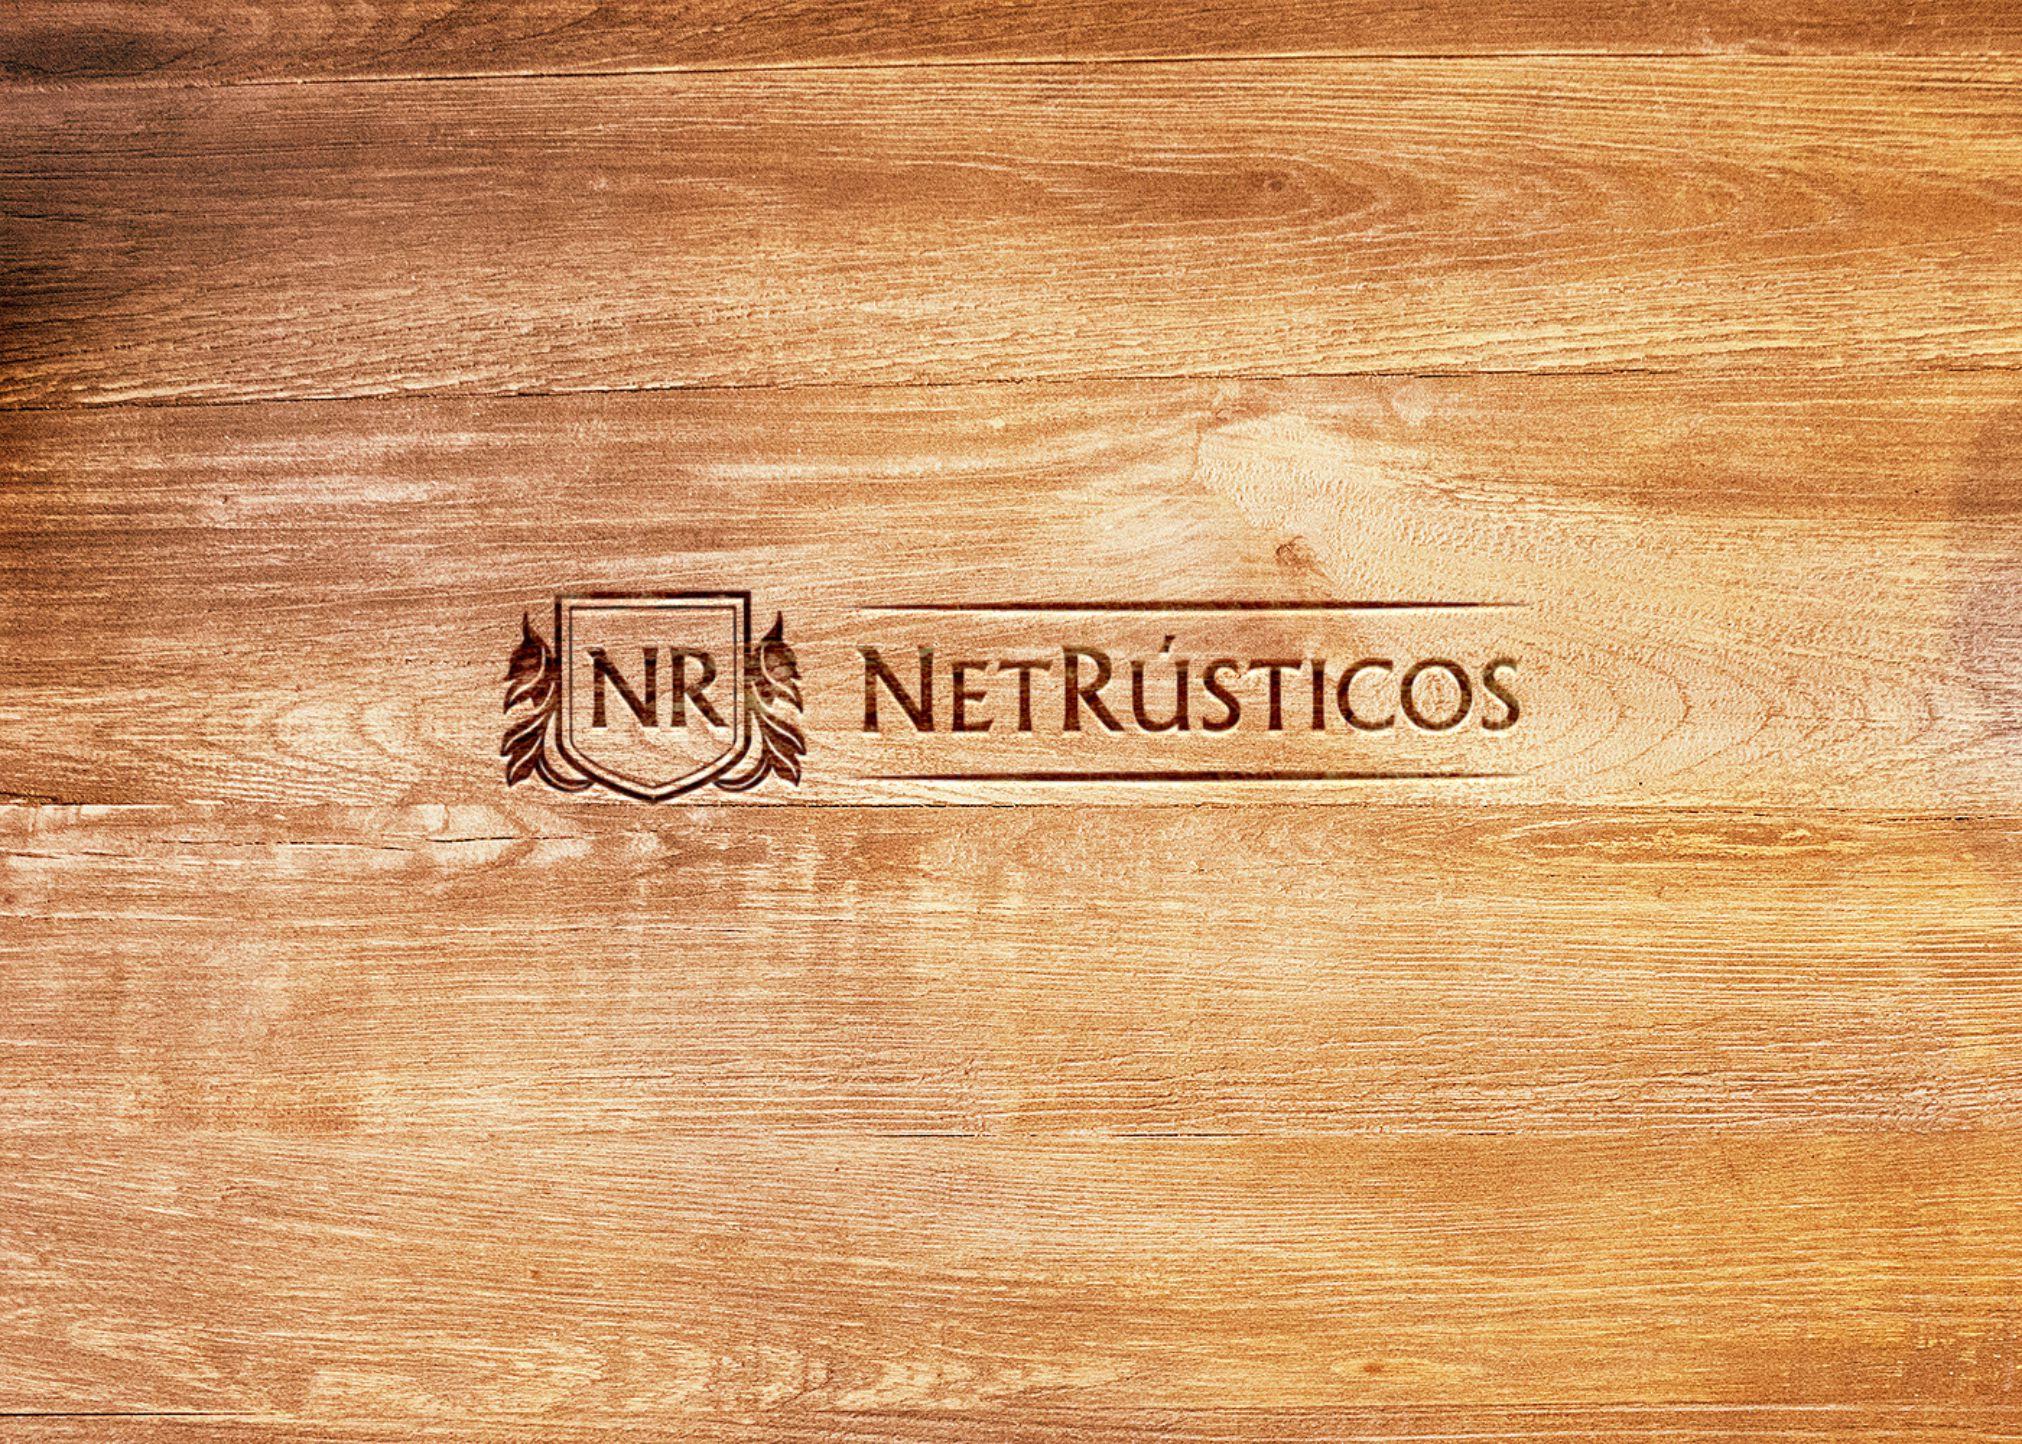 http://netrusticos.com.br